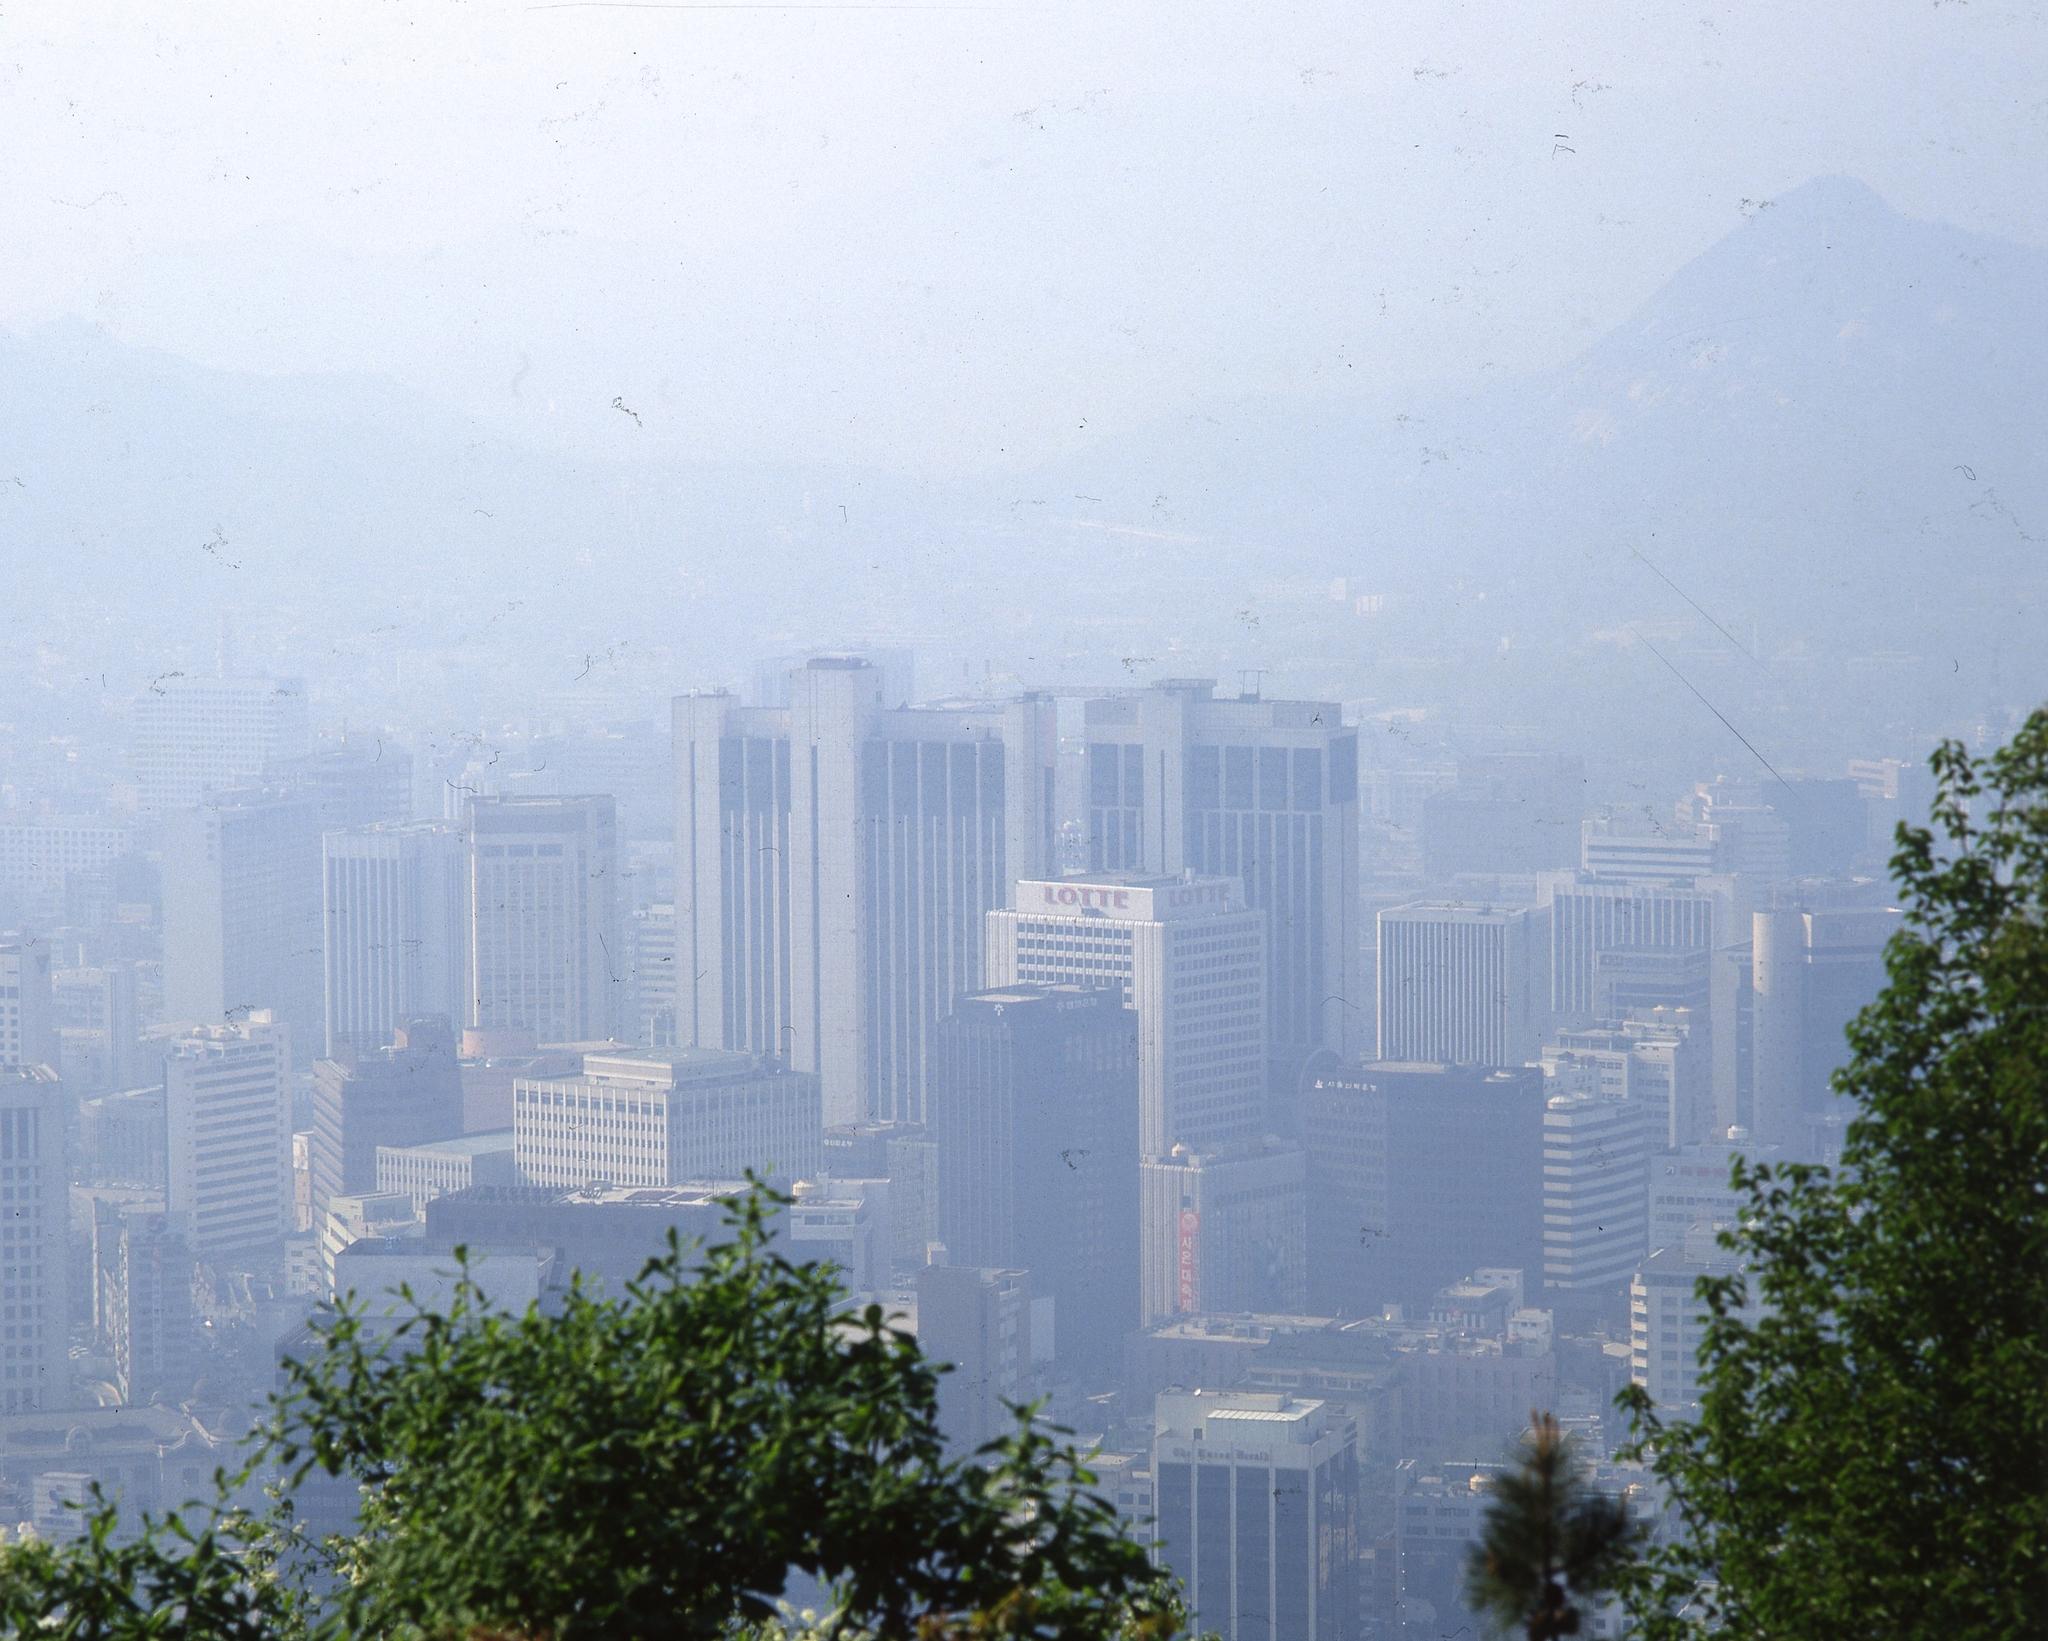 대기오염으로 탁한 하늘을 보인 1980년 말 서울의 모습 [중앙포토]